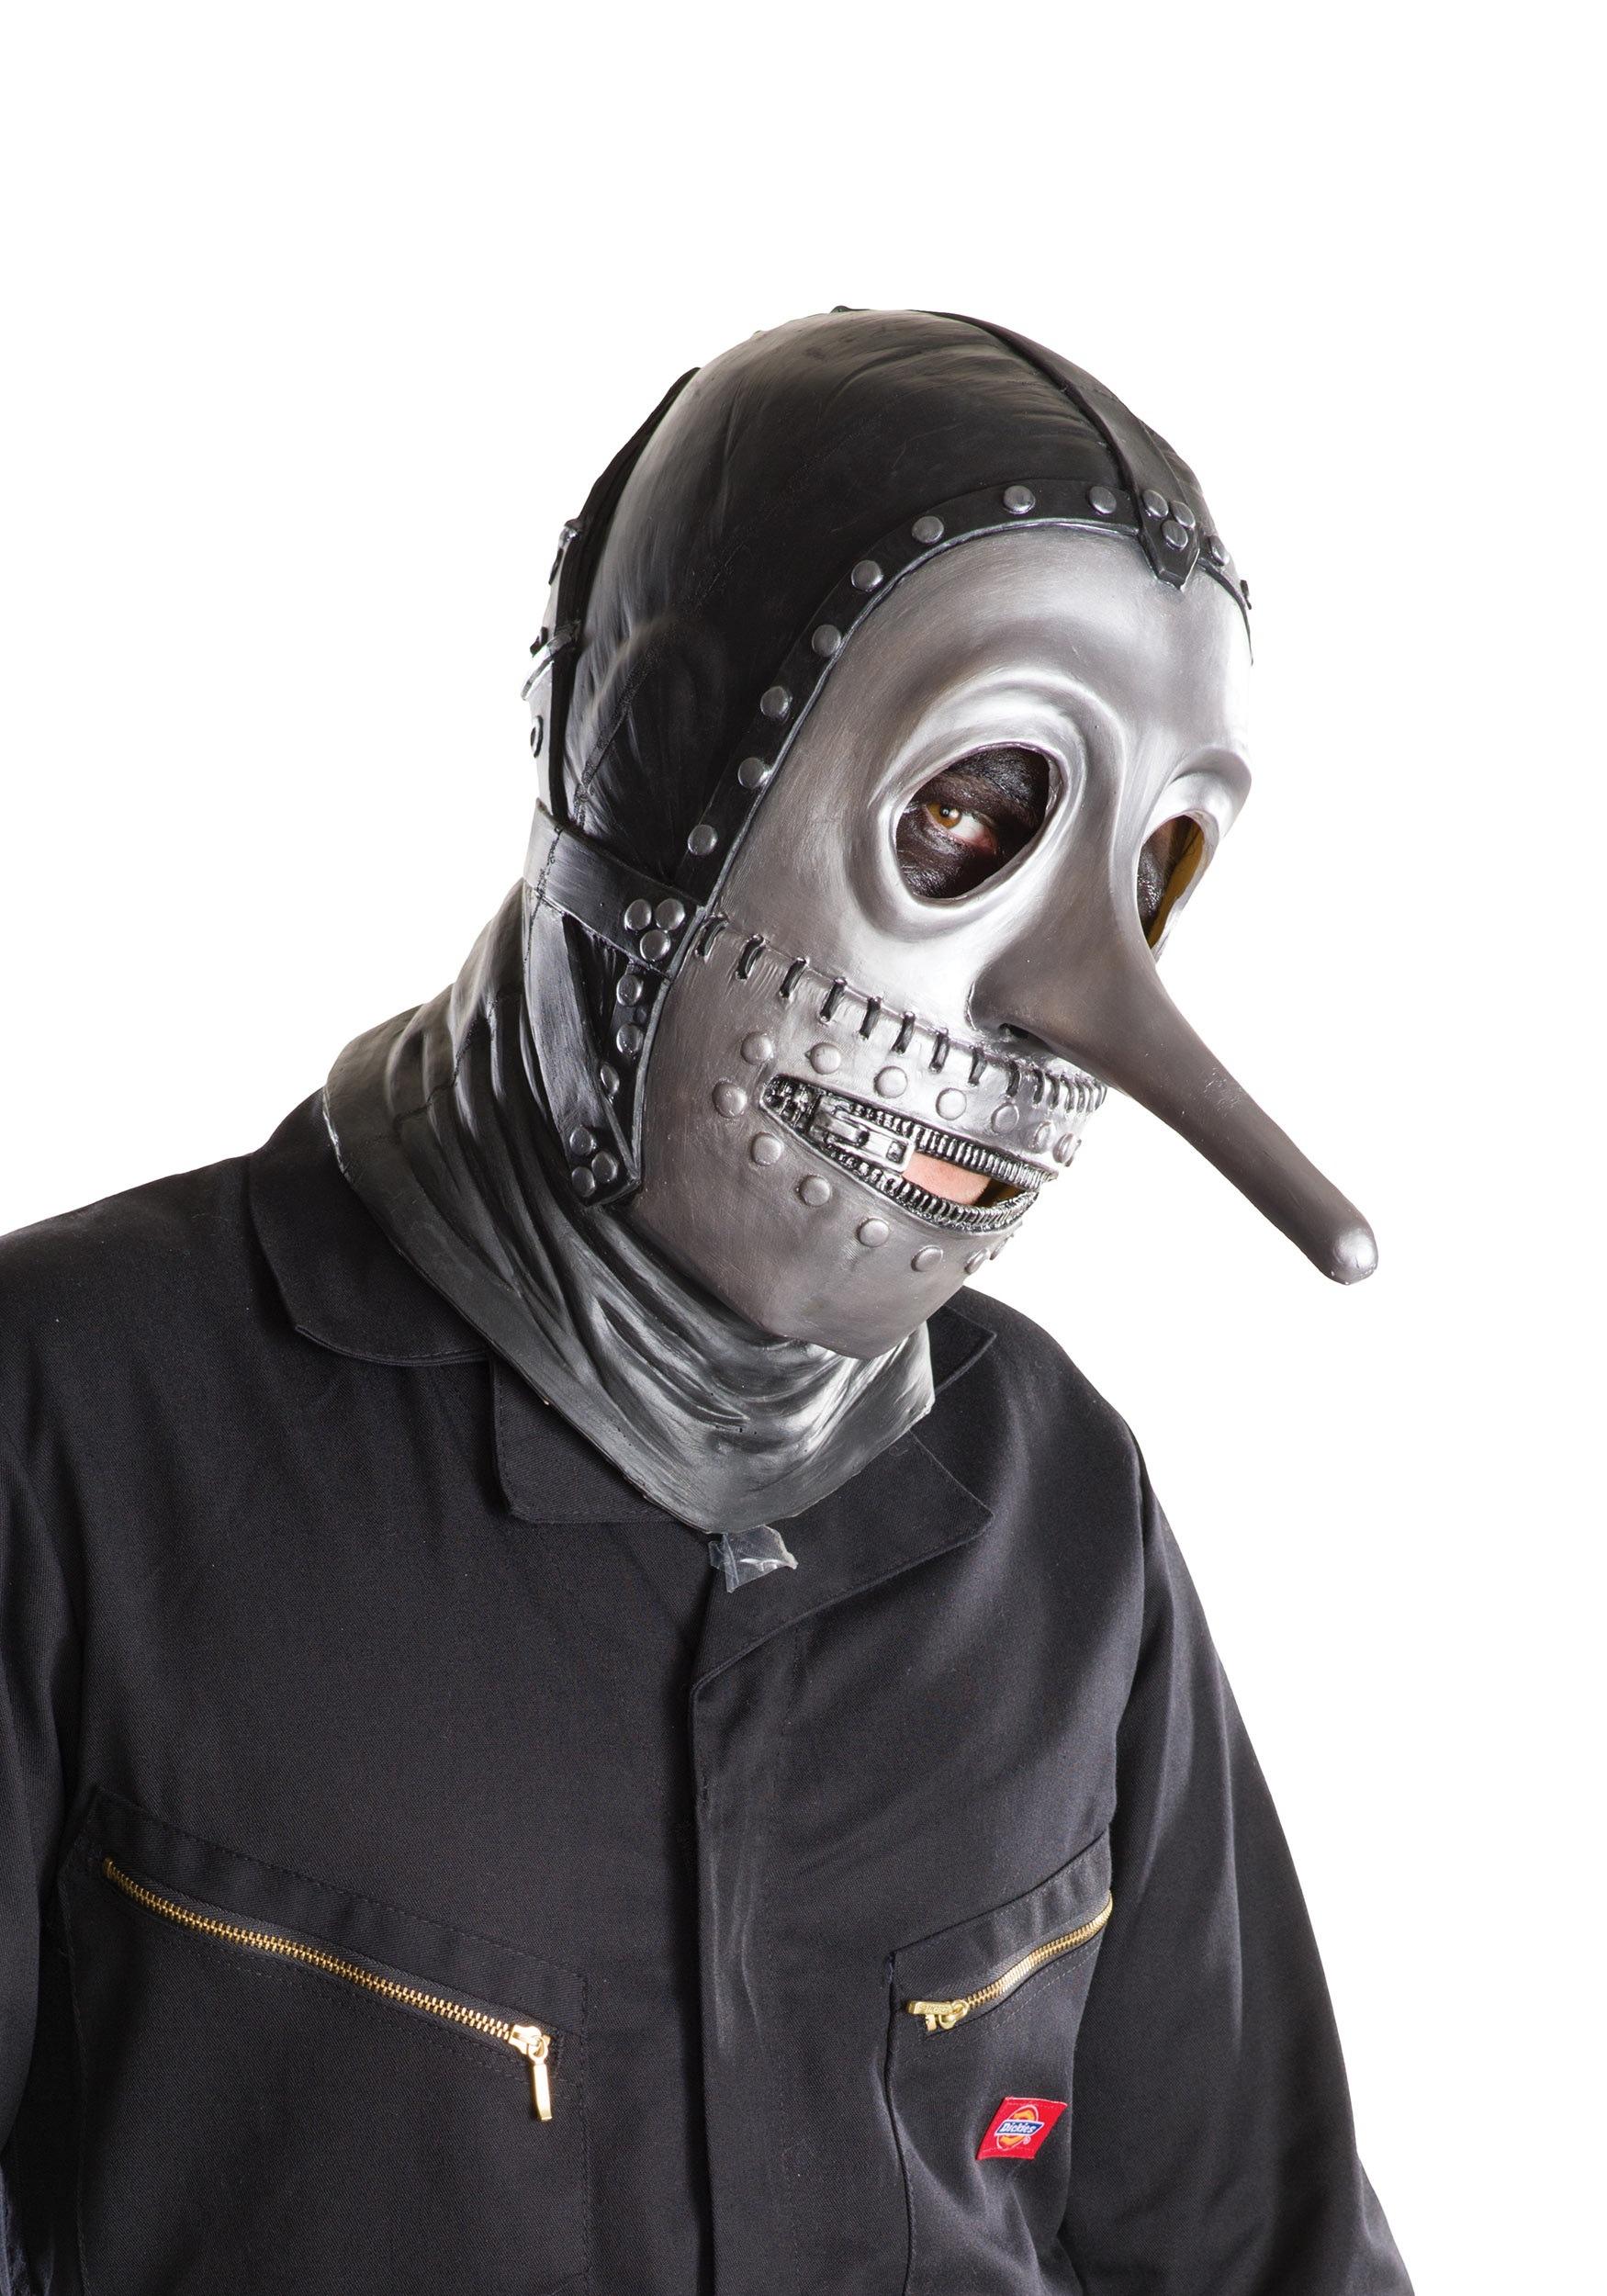 Slipknot Masks & Costumes - HalloweenCostumes.com